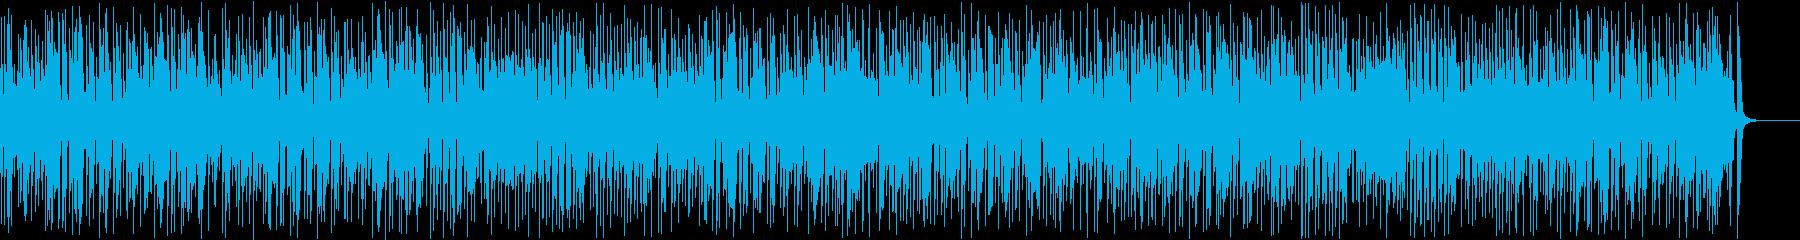 暗くて速いリズミカルなジプシージャズの再生済みの波形